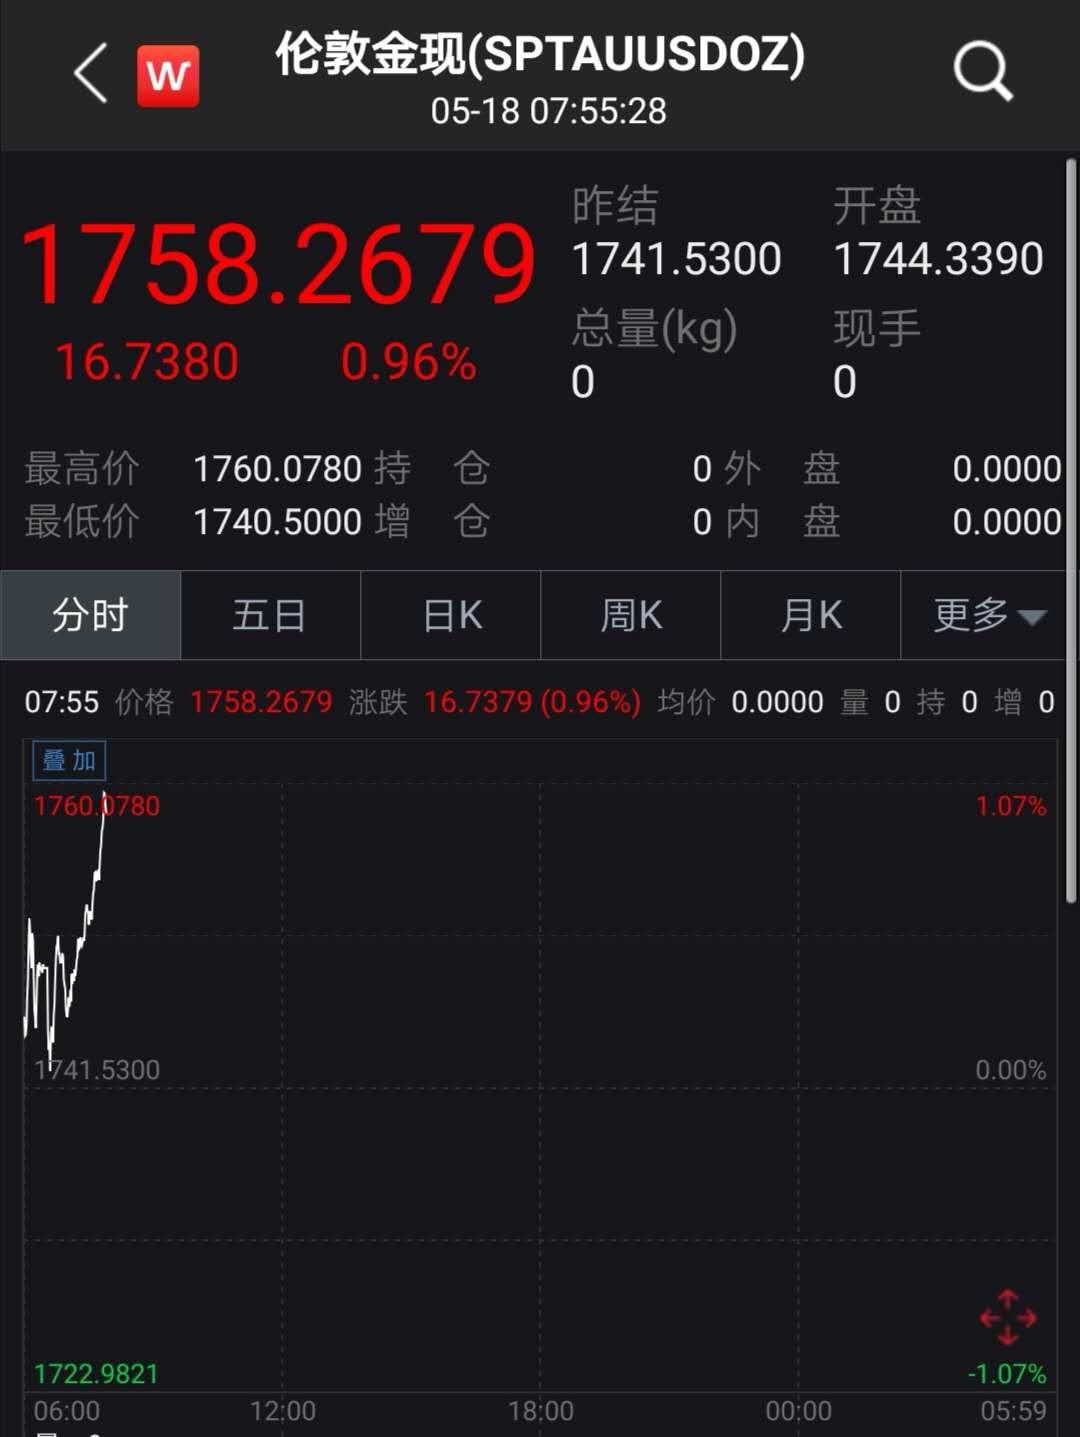 全球确诊471万!原油突破30美元,黄金暴涨!鲍威尔又怼负利率